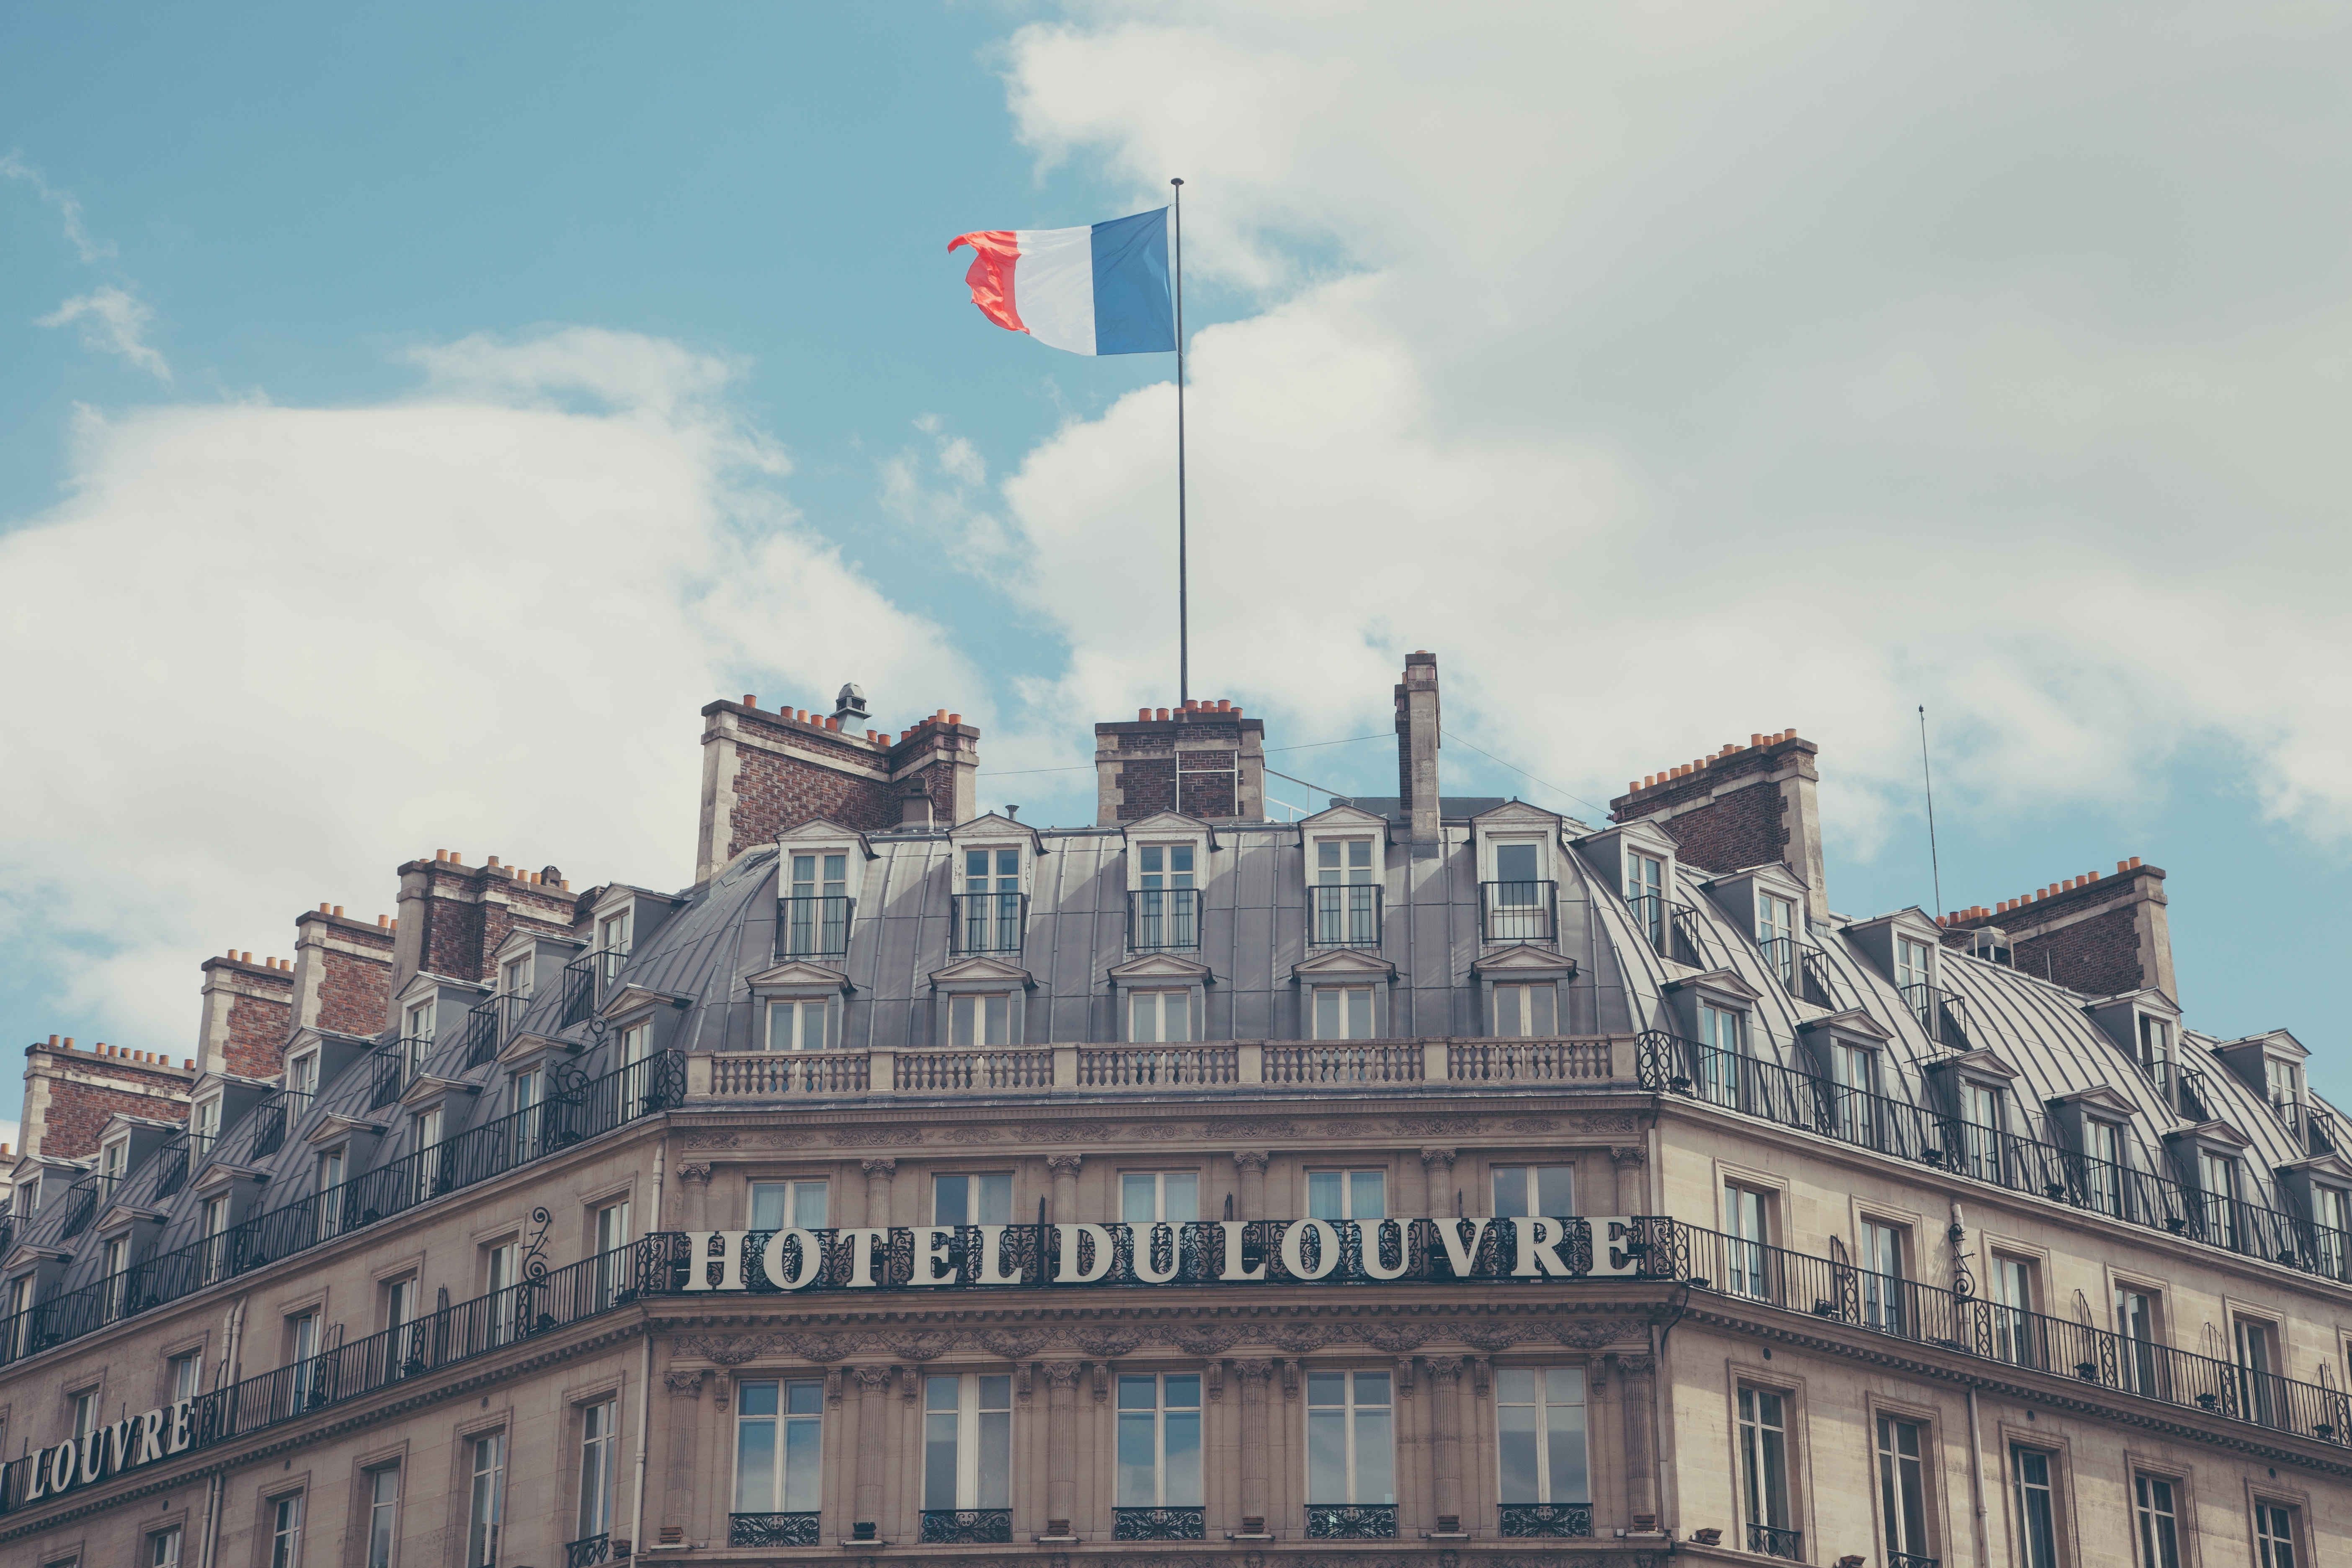 Download wallpaper 5616x3744 paris france hotel hotel du louvre 5616x3744